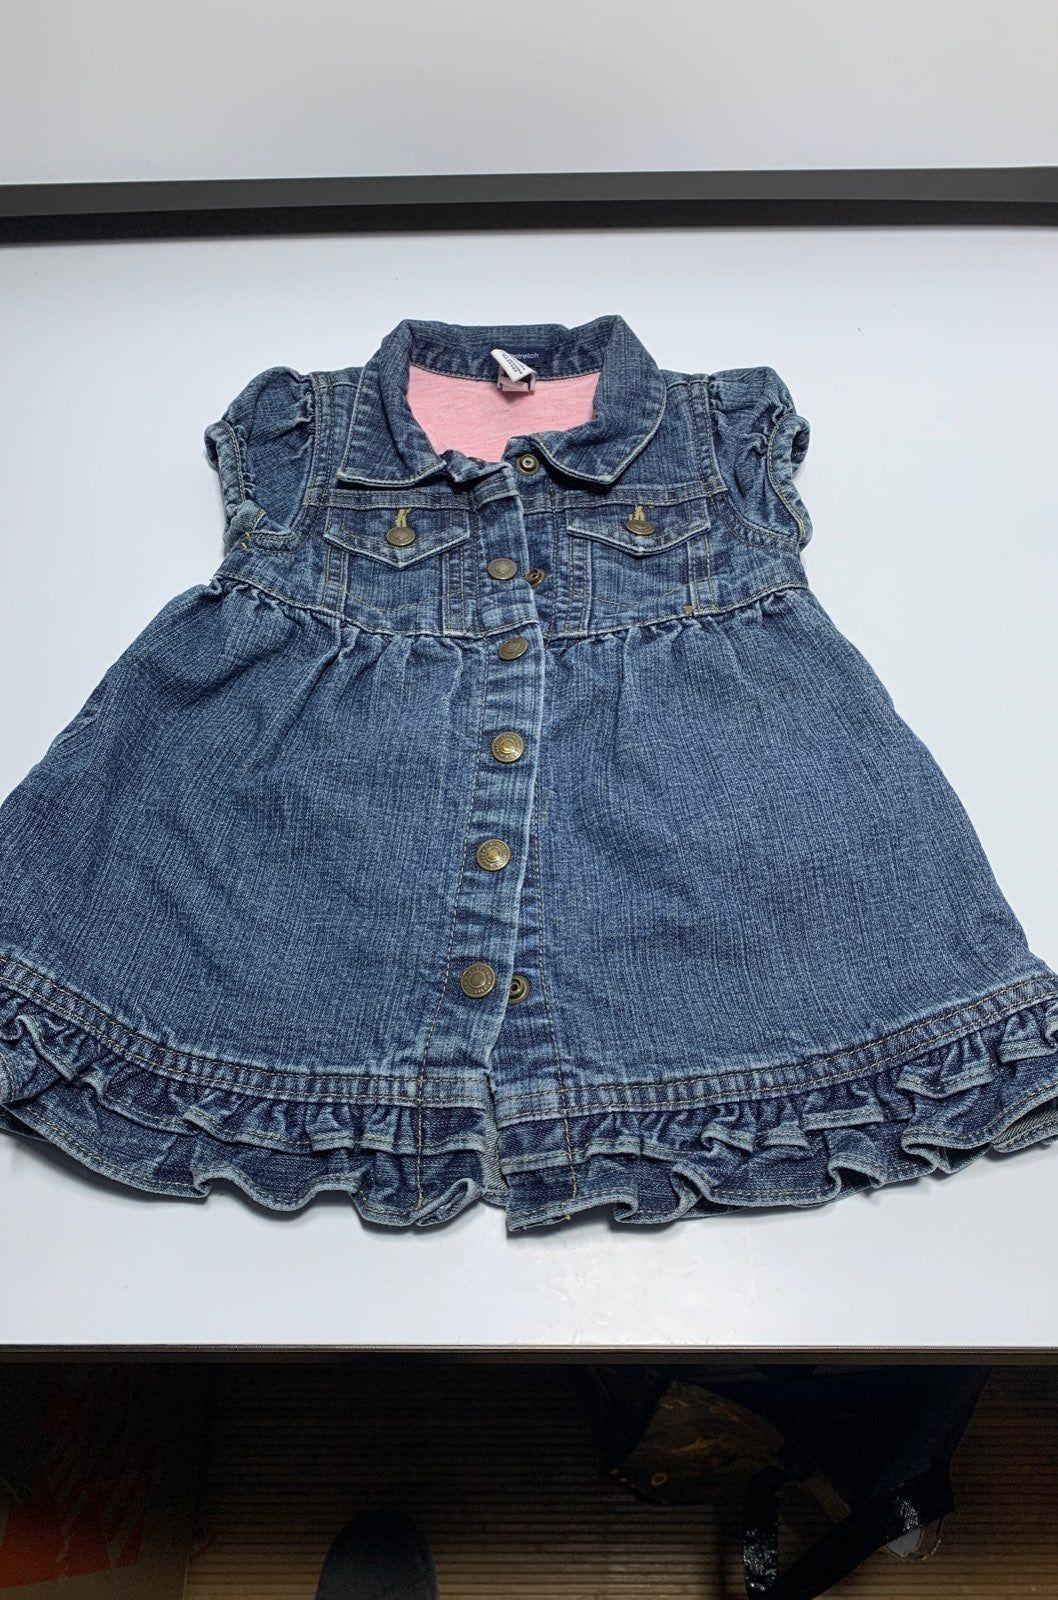 Too Good Not To Share Baby Gap Ruffle Denim Dress 2pc 6 12 Denim Ruffle Dress Denim Dress Dresses Kids Girl [ 1600 x 1058 Pixel ]